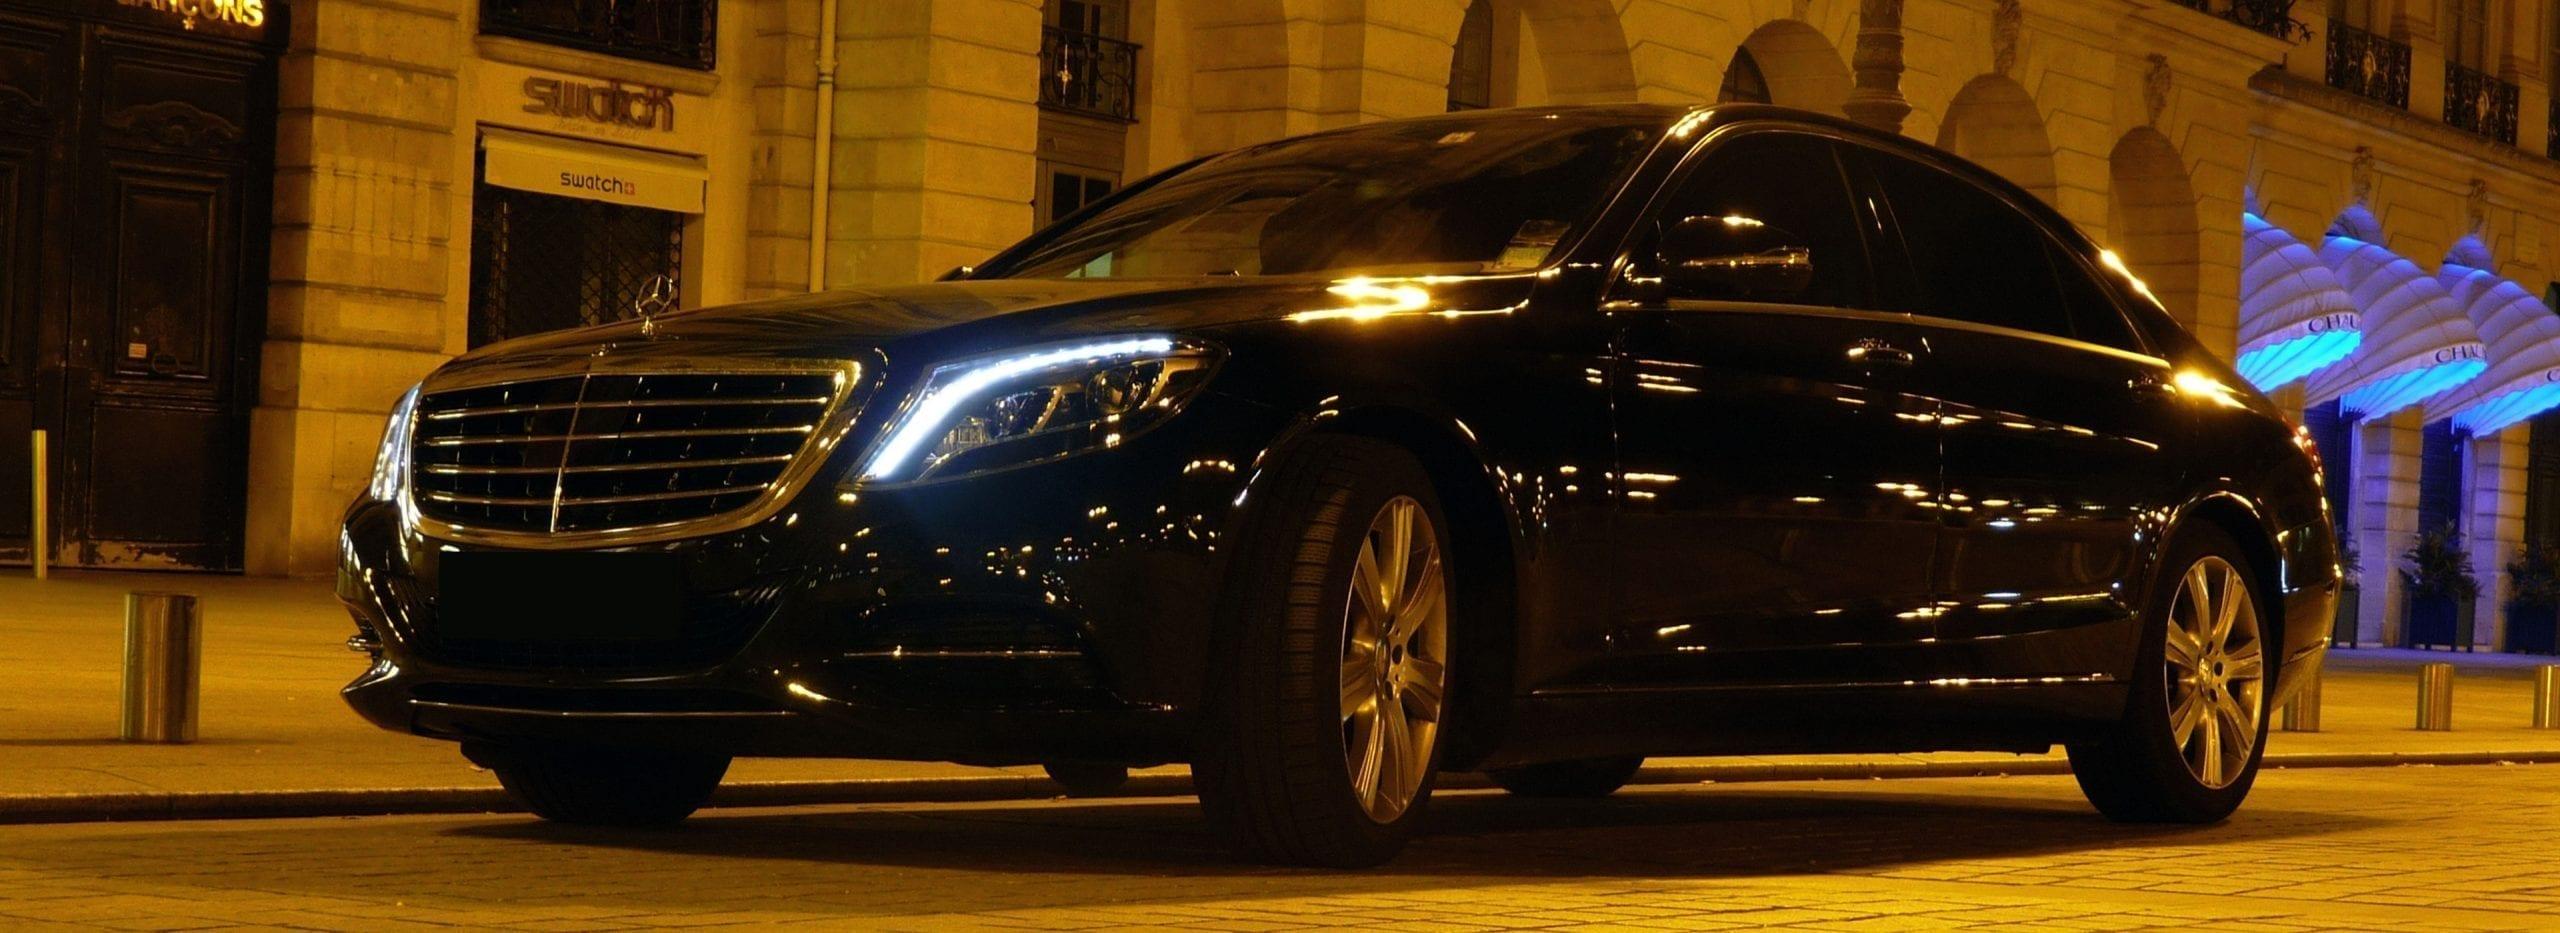 FCLS-Mercedes-Benz-S-350-Limousine-W222-001banniere-3840x1400